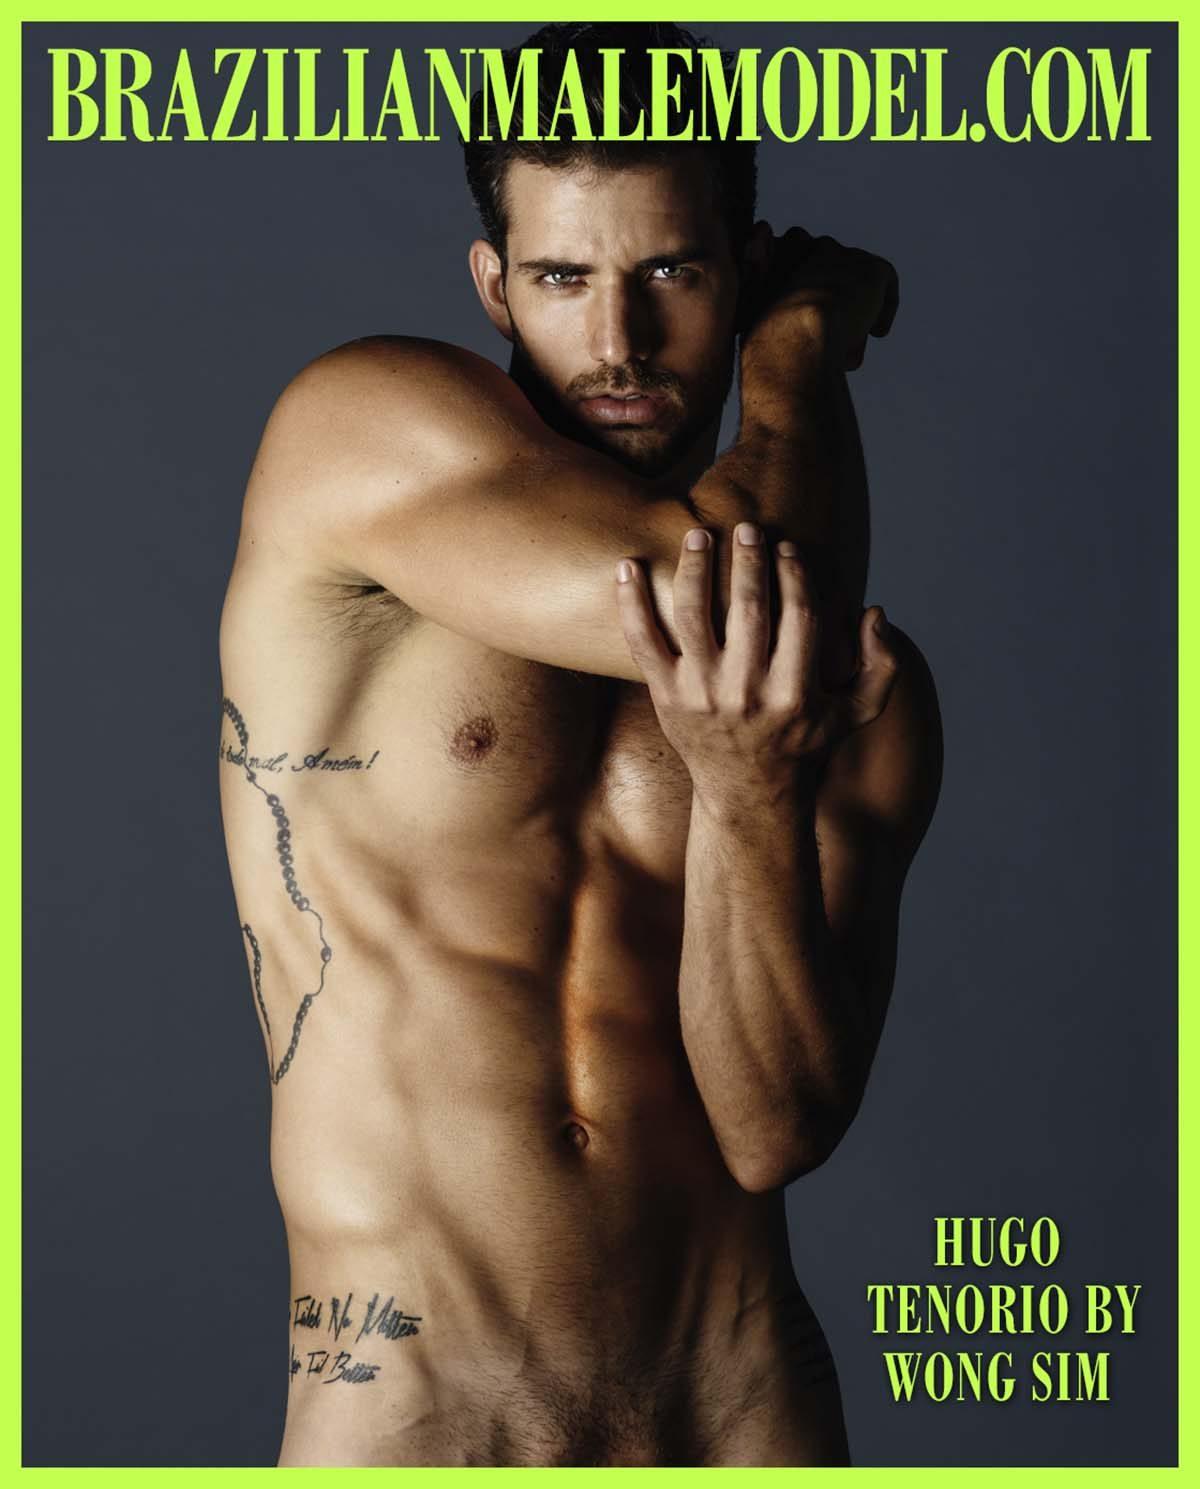 Hugo Tenorio by Wong Sim